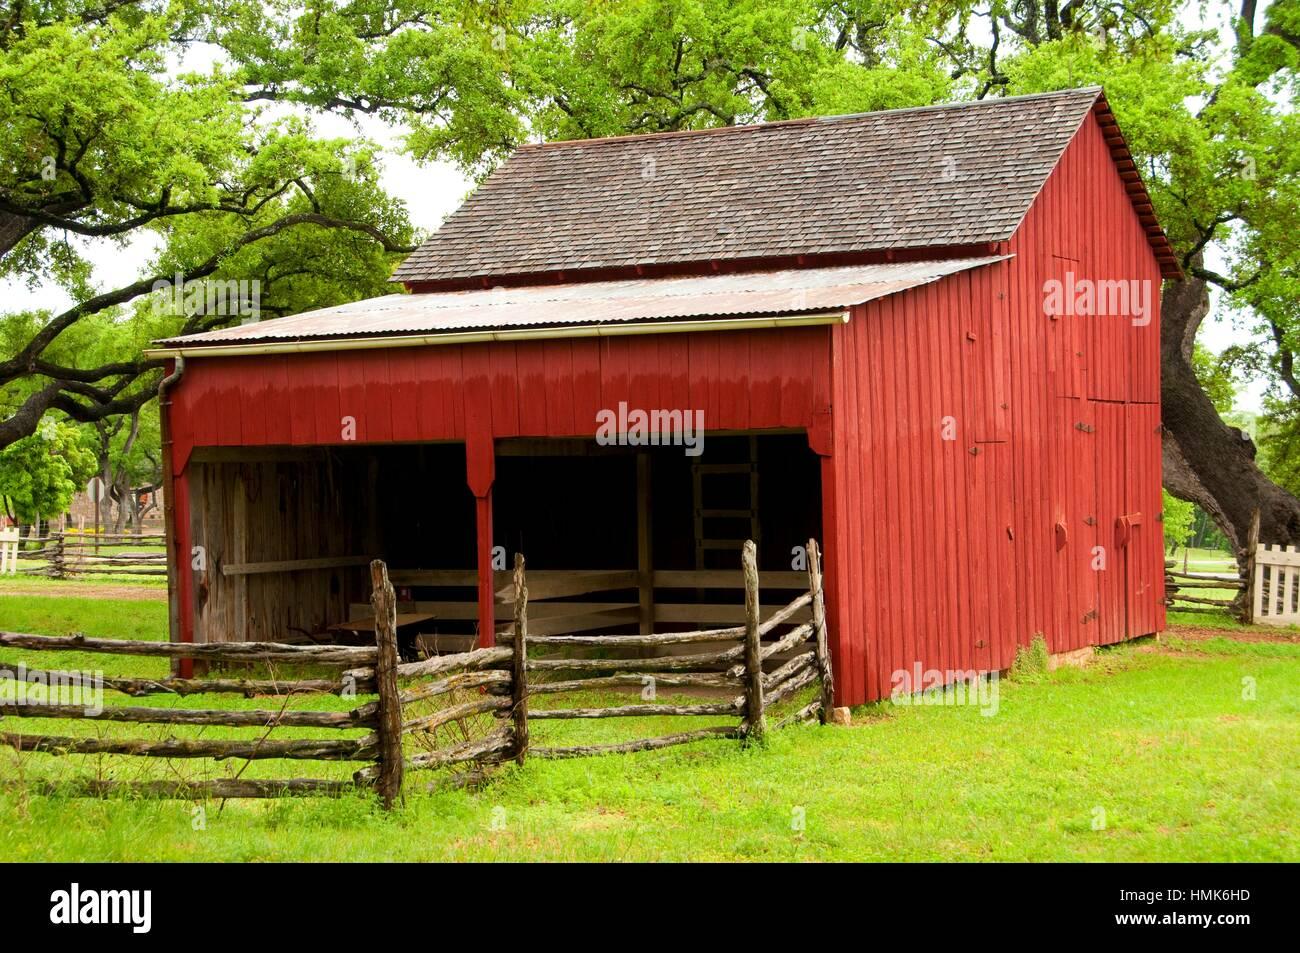 Lbj boyhood home barn lyndon b johnson national historical park lbj boyhood home barn lyndon b johnson national historical park texas publicscrutiny Image collections